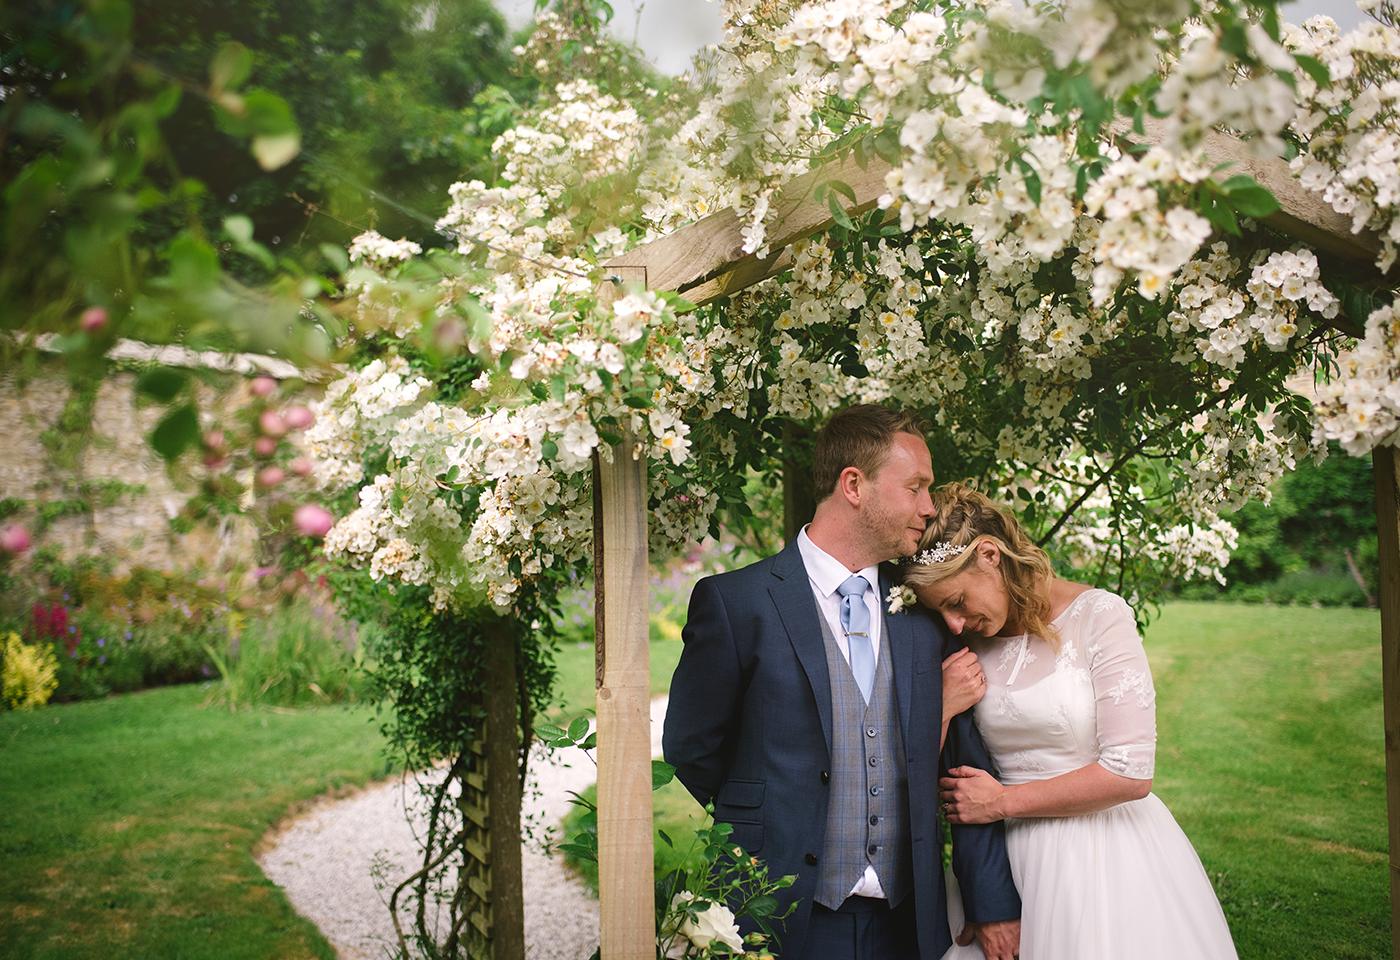 Lucy & Todd's Wedding Photos